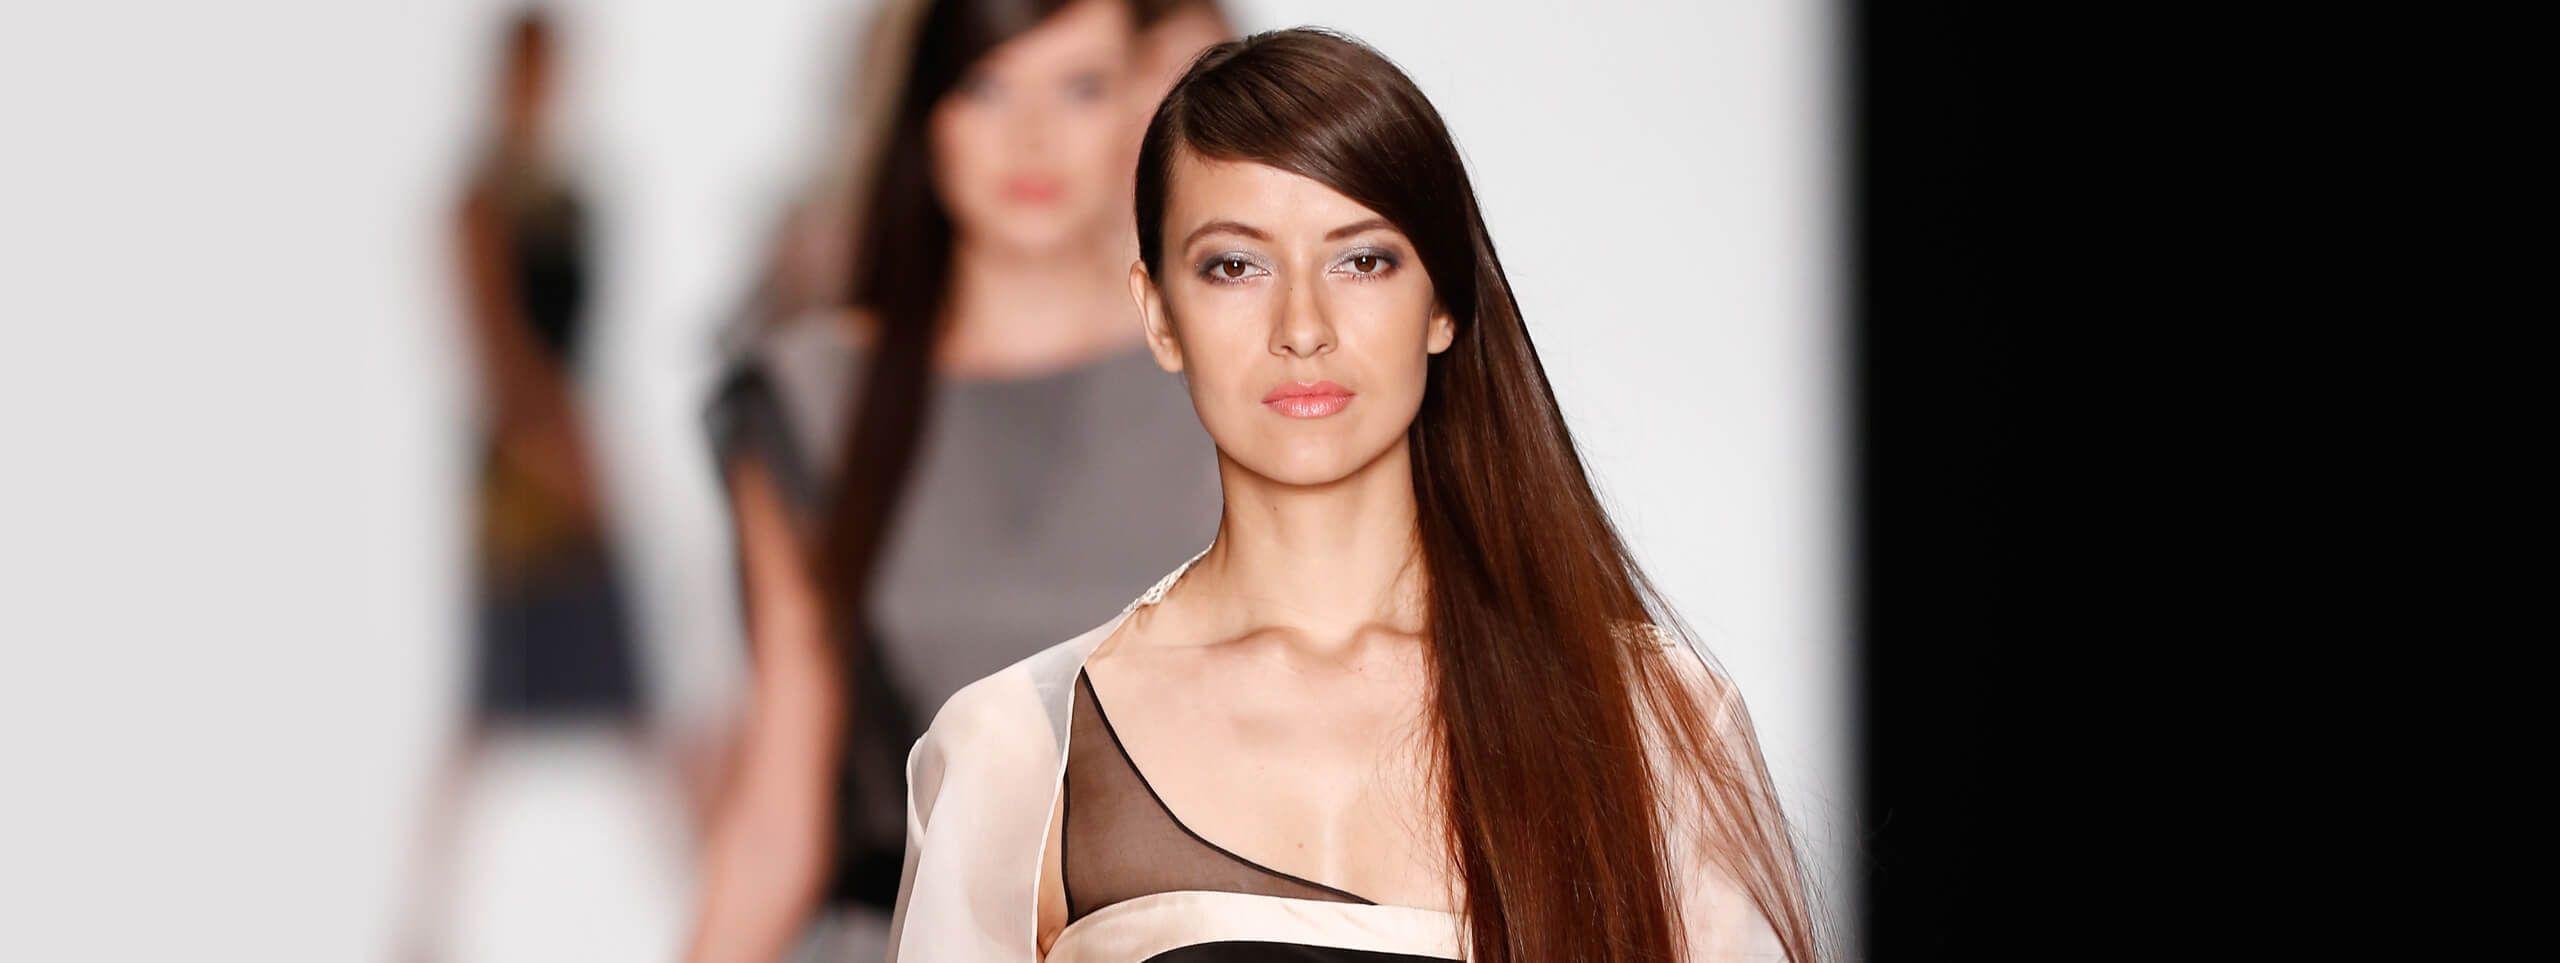 Model wears sleek straight hairstyle